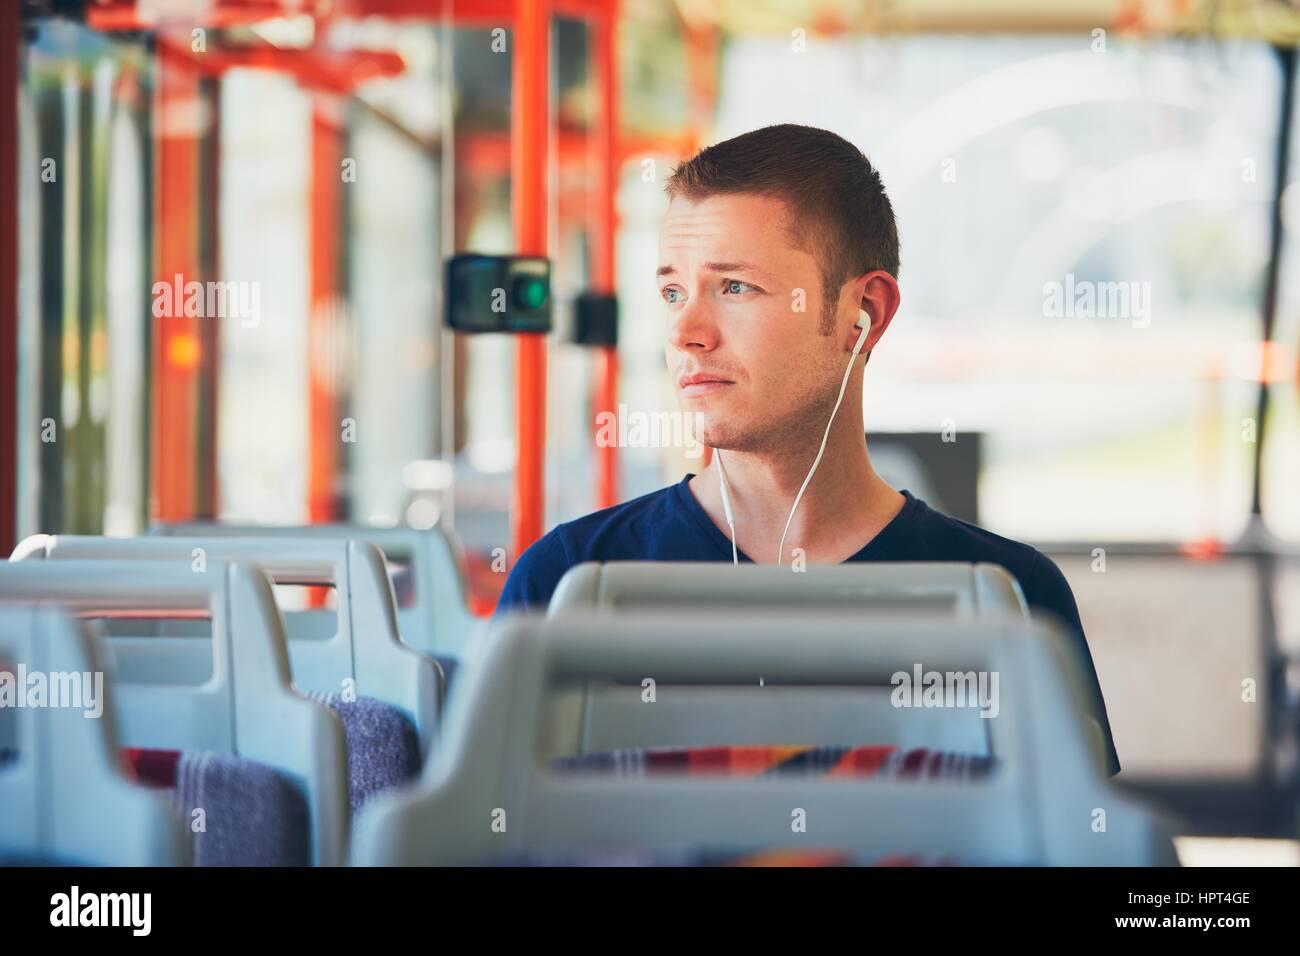 Triste joven es viajar en tranvía (bus). La vida cotidiana y los desplazamientos al trabajo en transporte público. Imagen De Stock